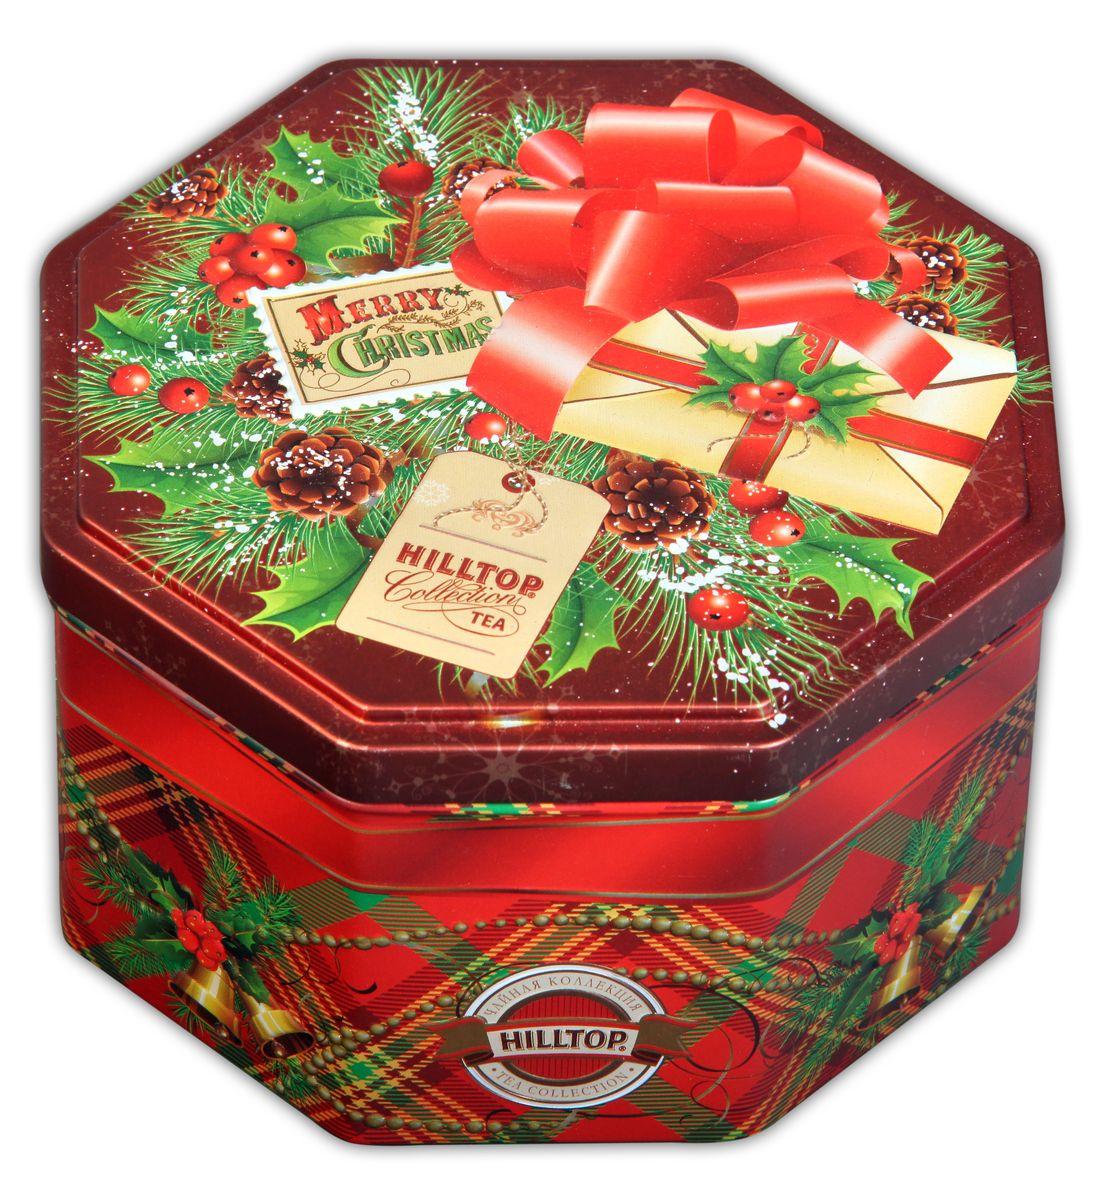 Hilltop С Рождеством Праздничный черный листовой чай, 150 г80097-00Hilltop С Рождеством - крупнолистовой черный чай с цветами календулы и василька. Содержит сладкие цукаты манго и банана